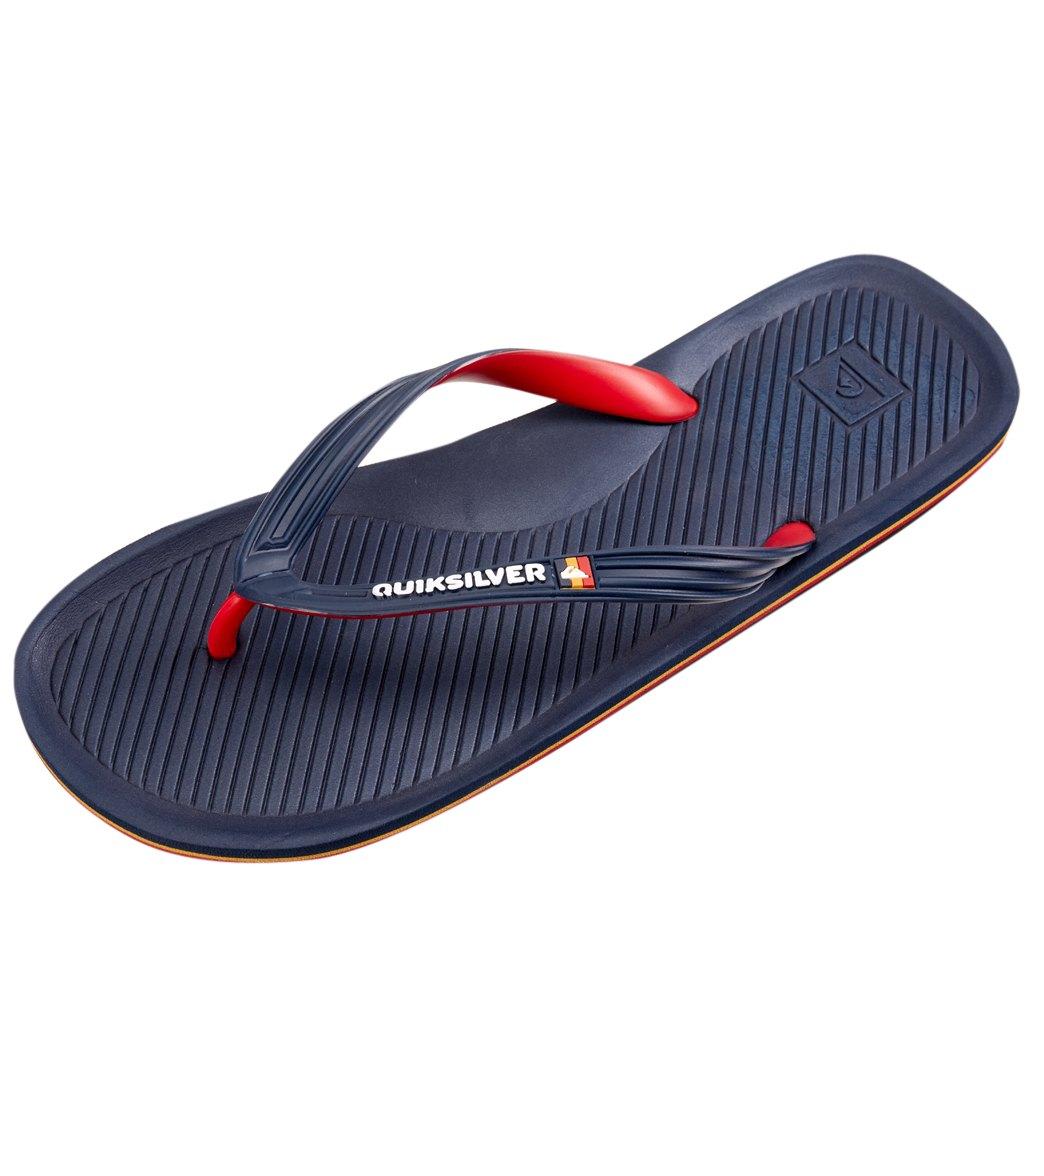 9fcb2975b Quiksilver Men s Haleiwa Flip Flop at SwimOutlet.com